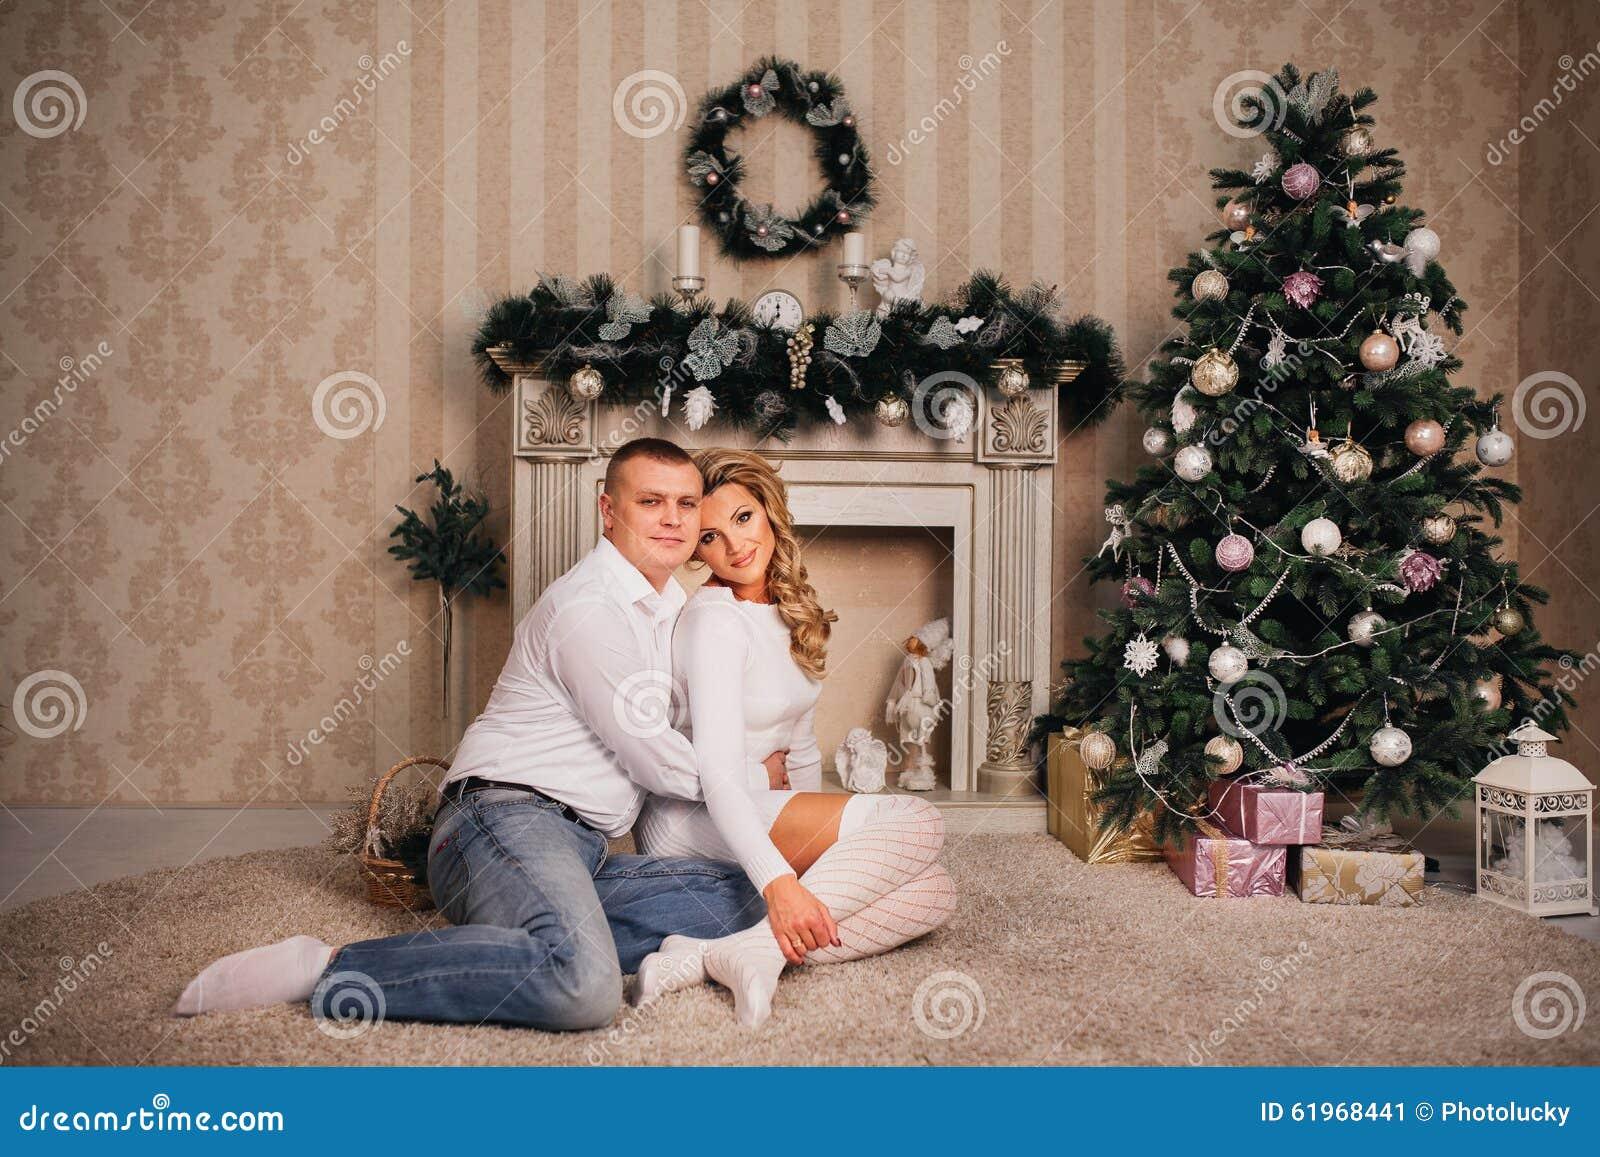 Happy Family Sitting Near Christmas Tree Stock Photo